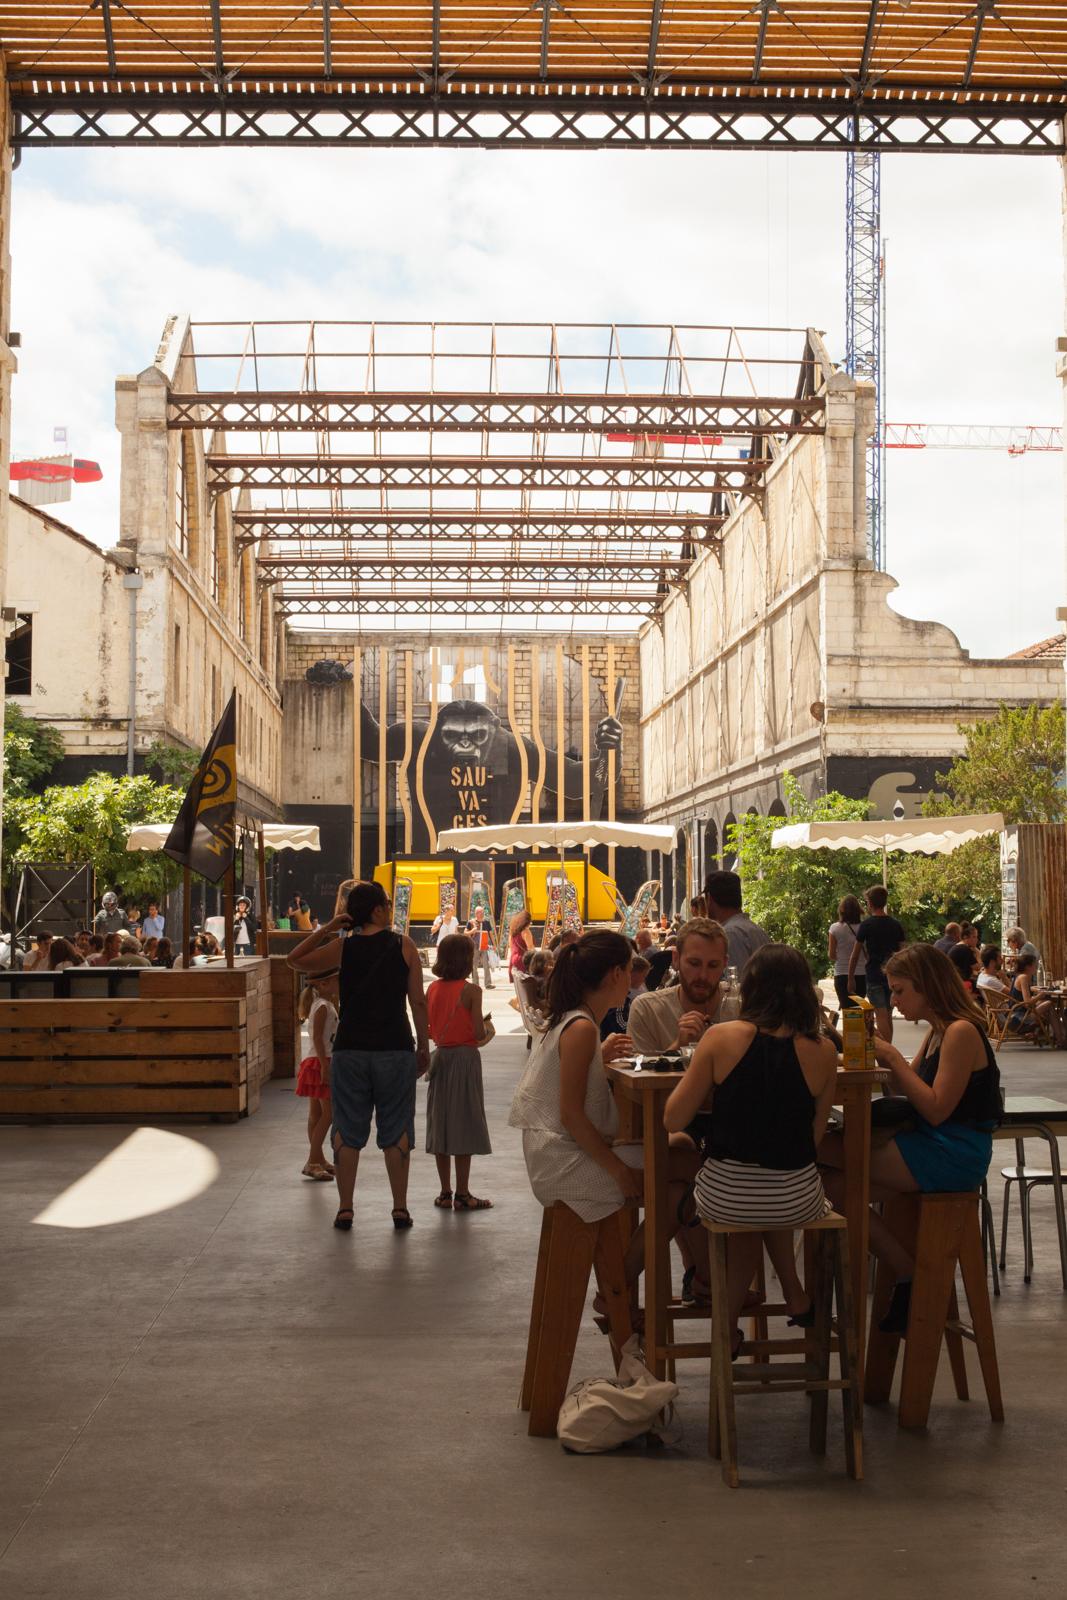 bordeaux, bordeaux city guide, borderaux tourisme, week-end bordeaux, blog bordeaux, vacances bordeaux, que faire à bordeaux, darwin, darwin project, street art bordeaux